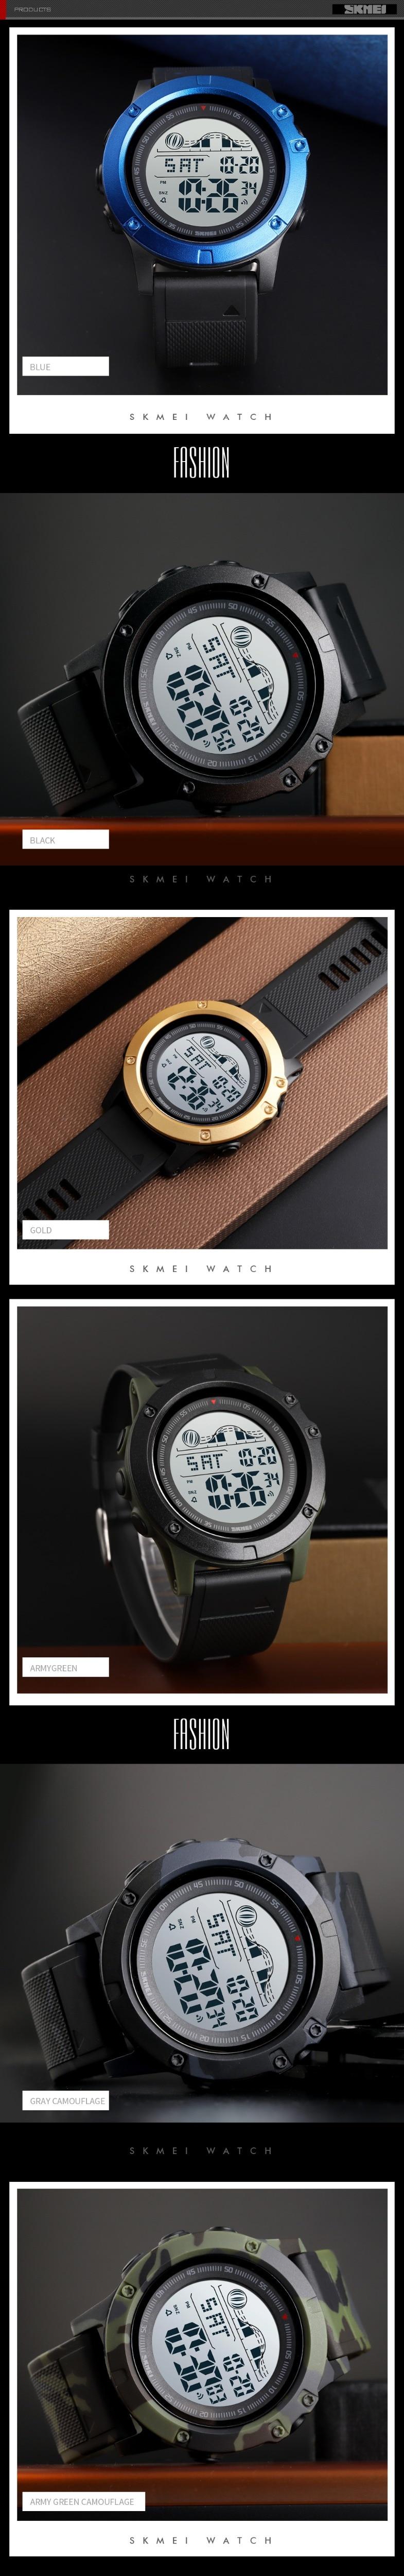 Men Electronic Watch